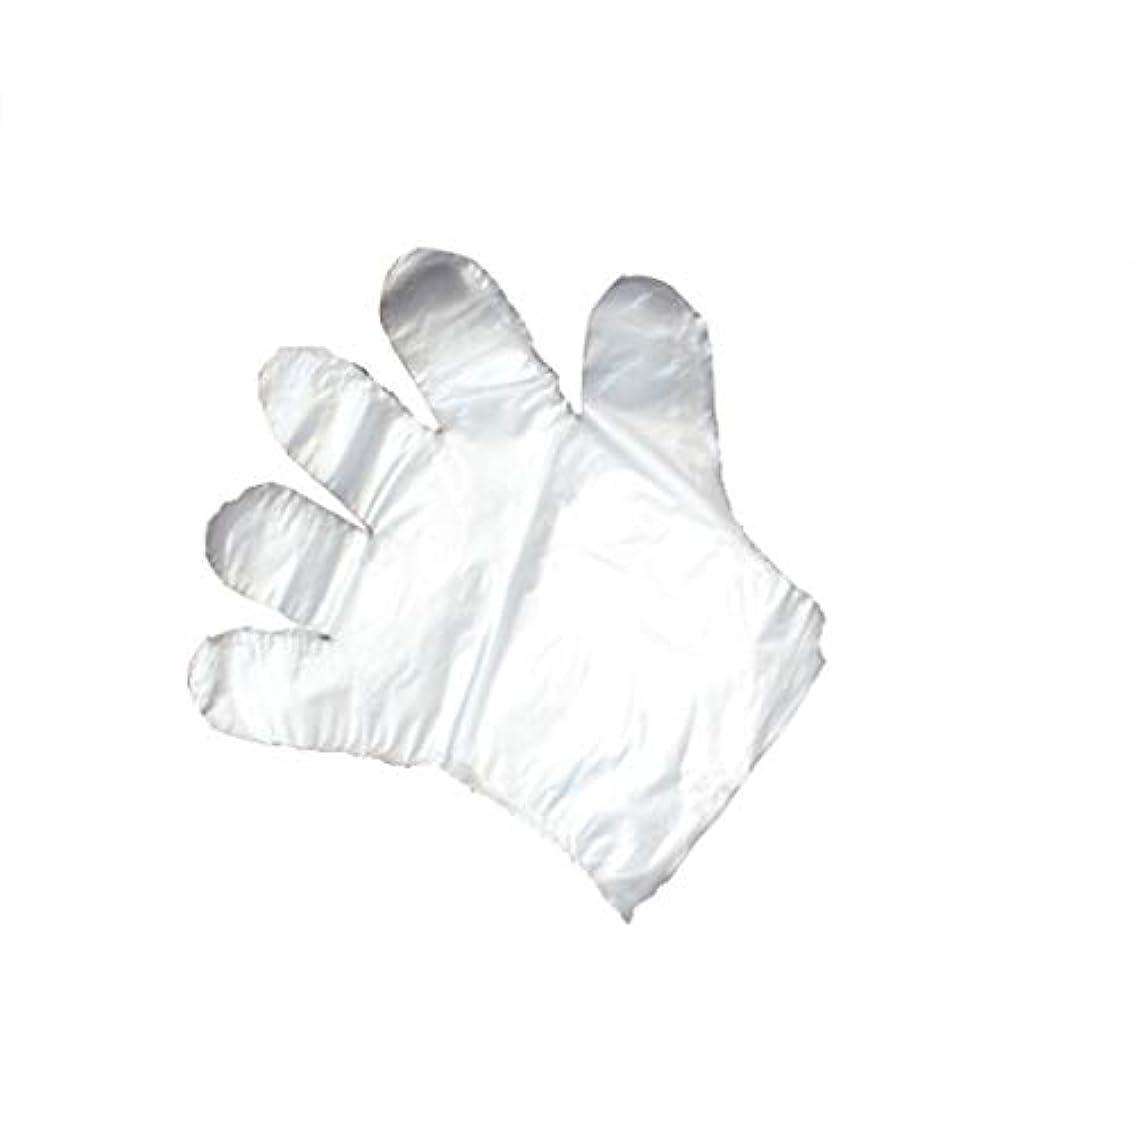 膨らみ絶滅させる気候手袋、使い捨て手袋、透明な肥厚、美しさ、家庭掃除、手袋、白、透明、5パック、500袋。 (UnitCount : 1000)